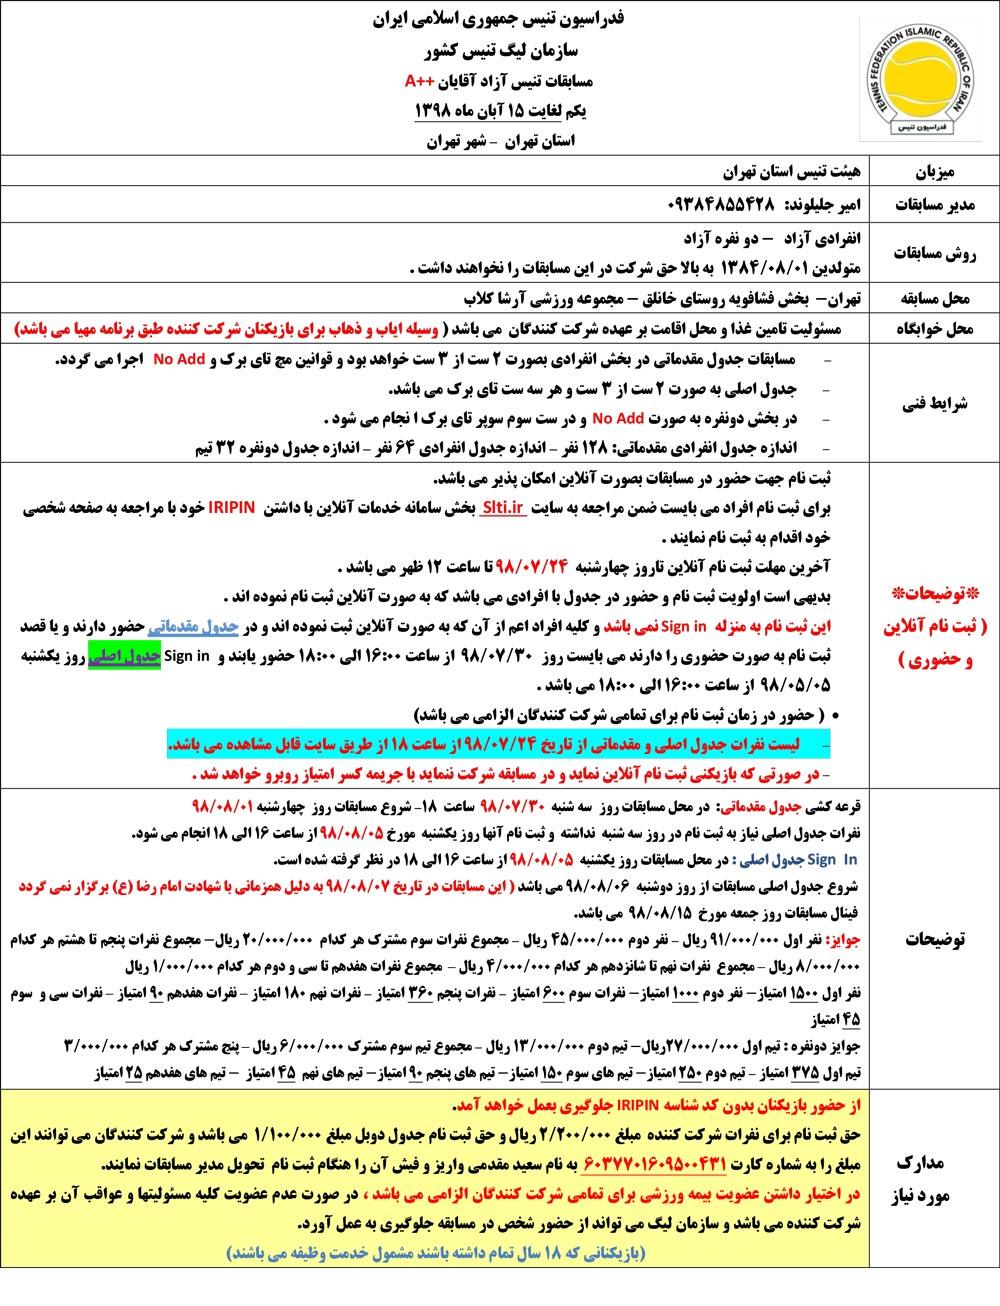 مسابقات تنیس جایزه بزرگ آقایان تهران